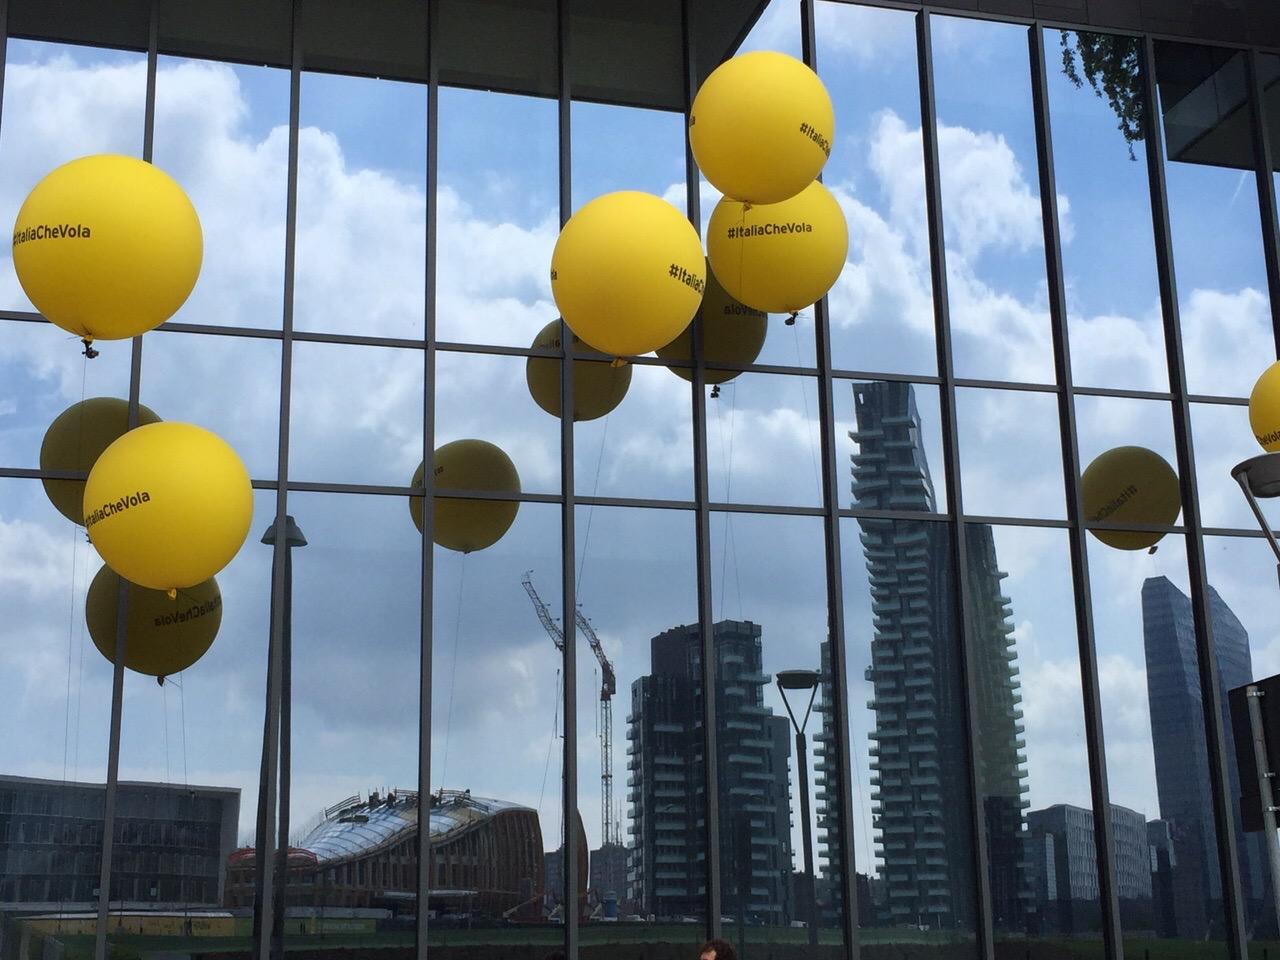 italia-che-vola-expo-2015-frecce-tricolore-fastweb-palloni-gialli-valentina-coco-fashion-blogger